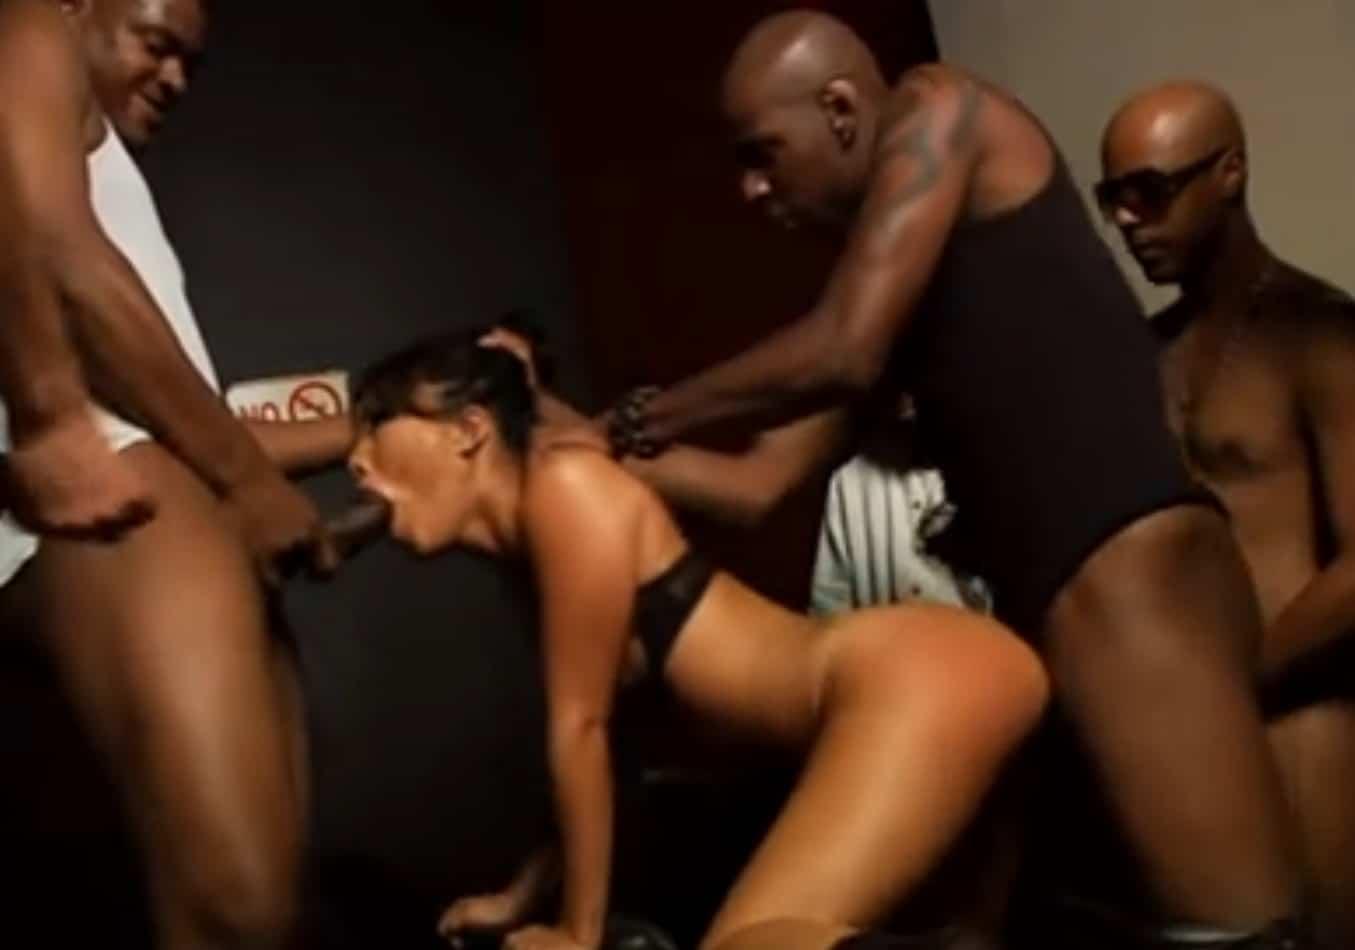 Agujeros Porno Gratis follada salvajemente por un monton de tios - pornohd.gratis